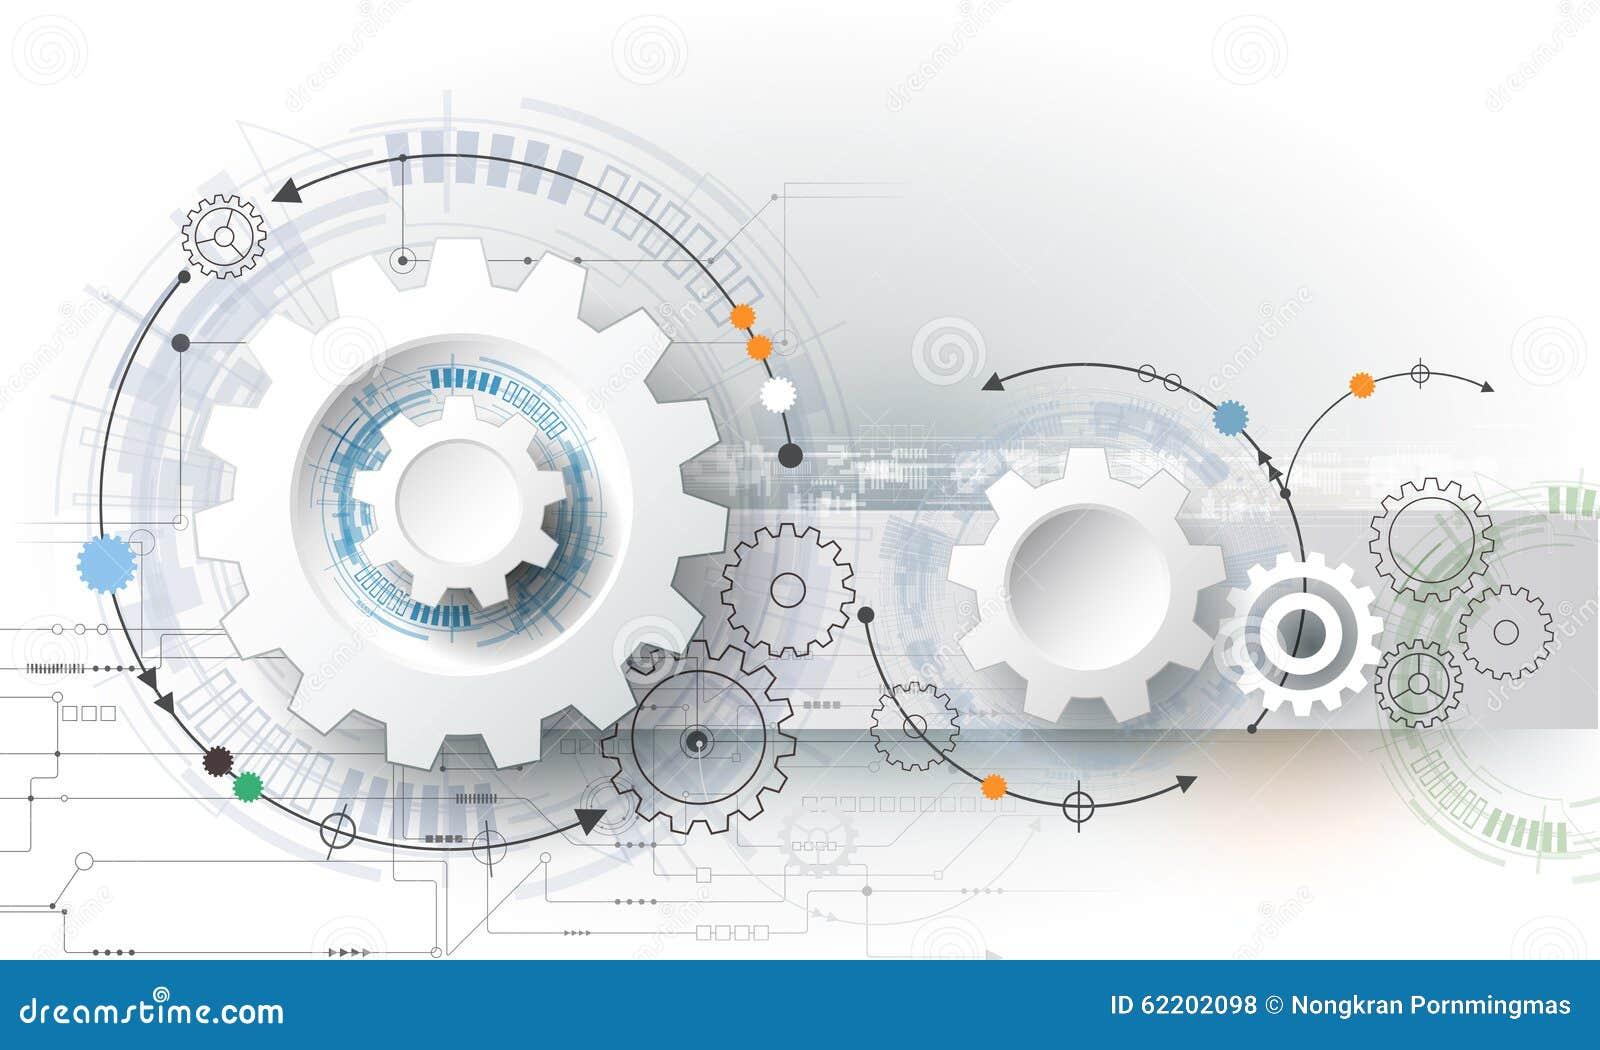 Wektorowy ilustracyjny przekładni koło, sześciokąty, obwód deska, techniki technologia cyfrowa i inżynieria,